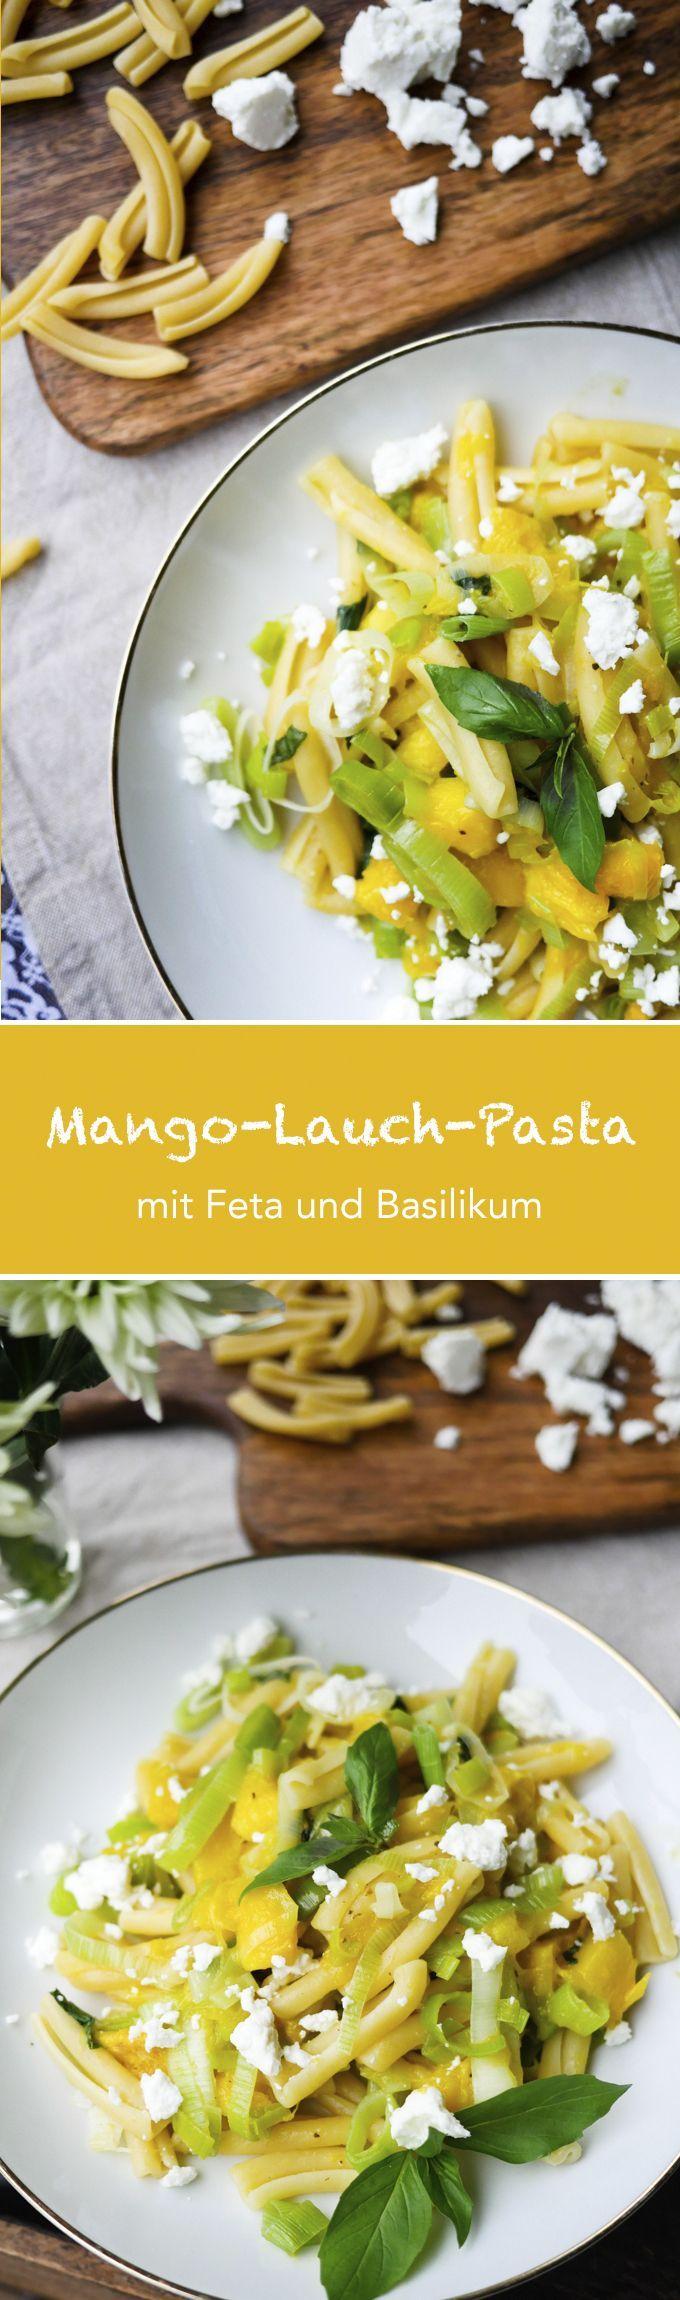 Leckere Mango-Lauch-Pasta mit Feta und Basilikum - Gaumenfreundin Foodblog #schnellerezepte #gesunderezepte #vegetarischerezepte #pastarezepte #nudelrezepte